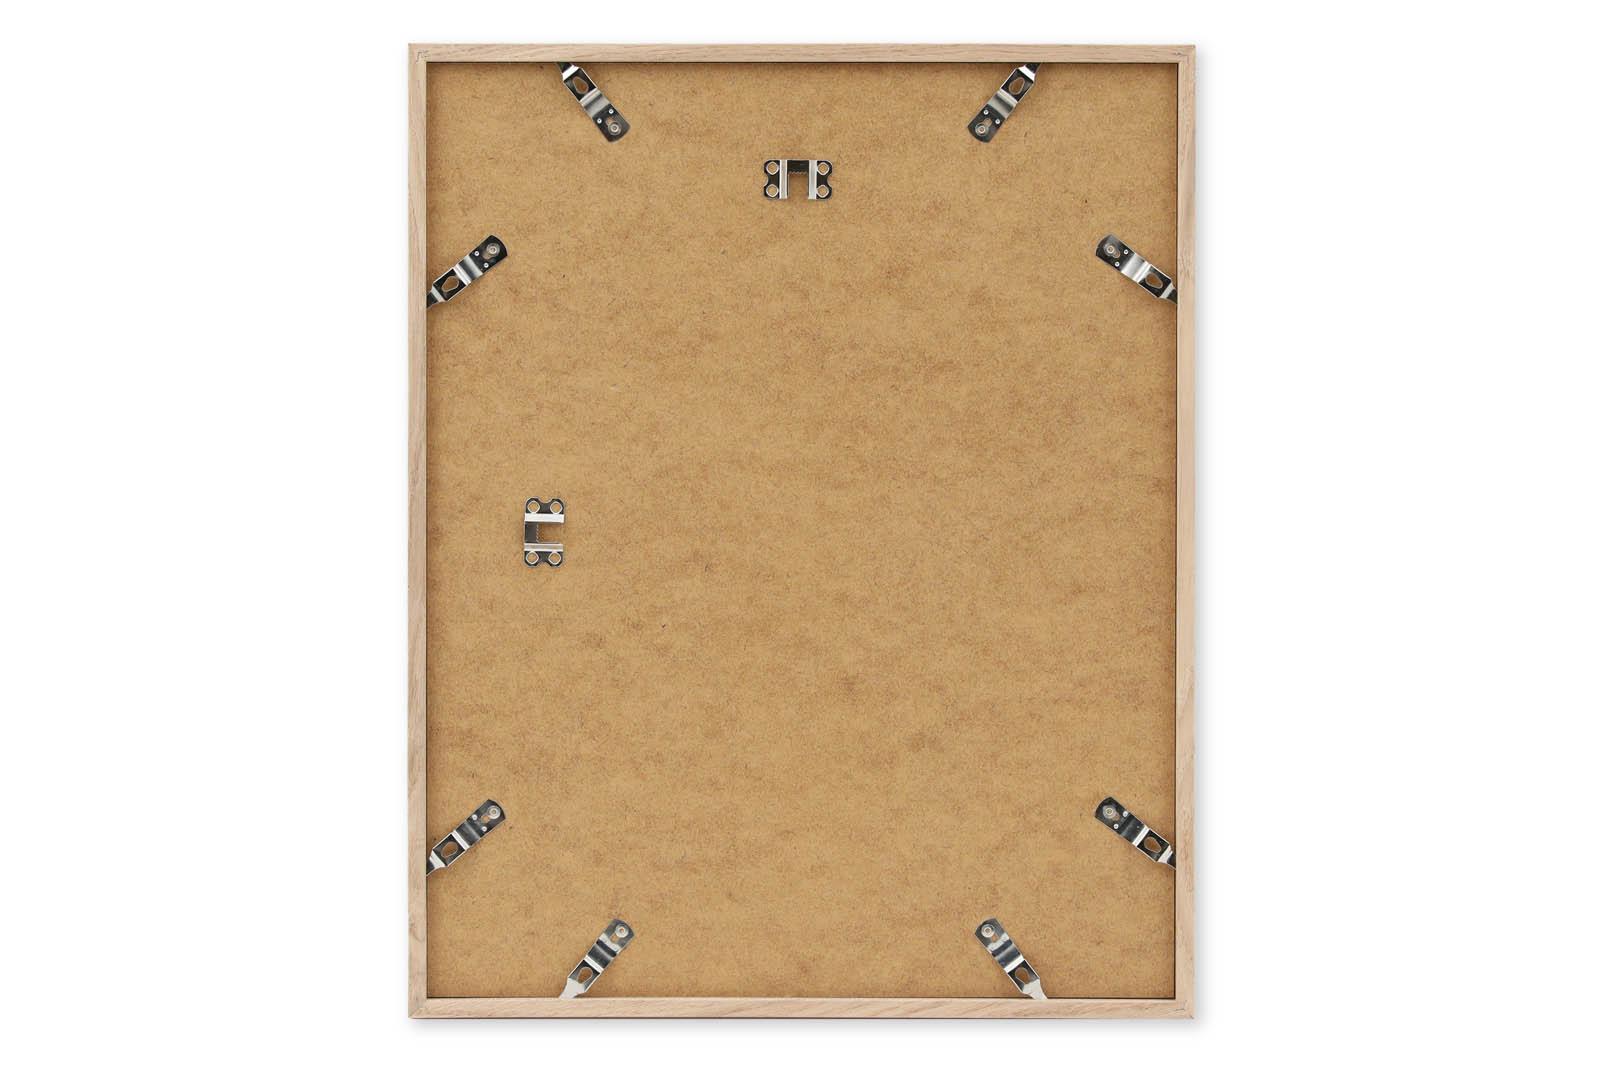 CHLOROS オーク無垢材 ナチュラルなポスターフレーム/額縁 40×50cm